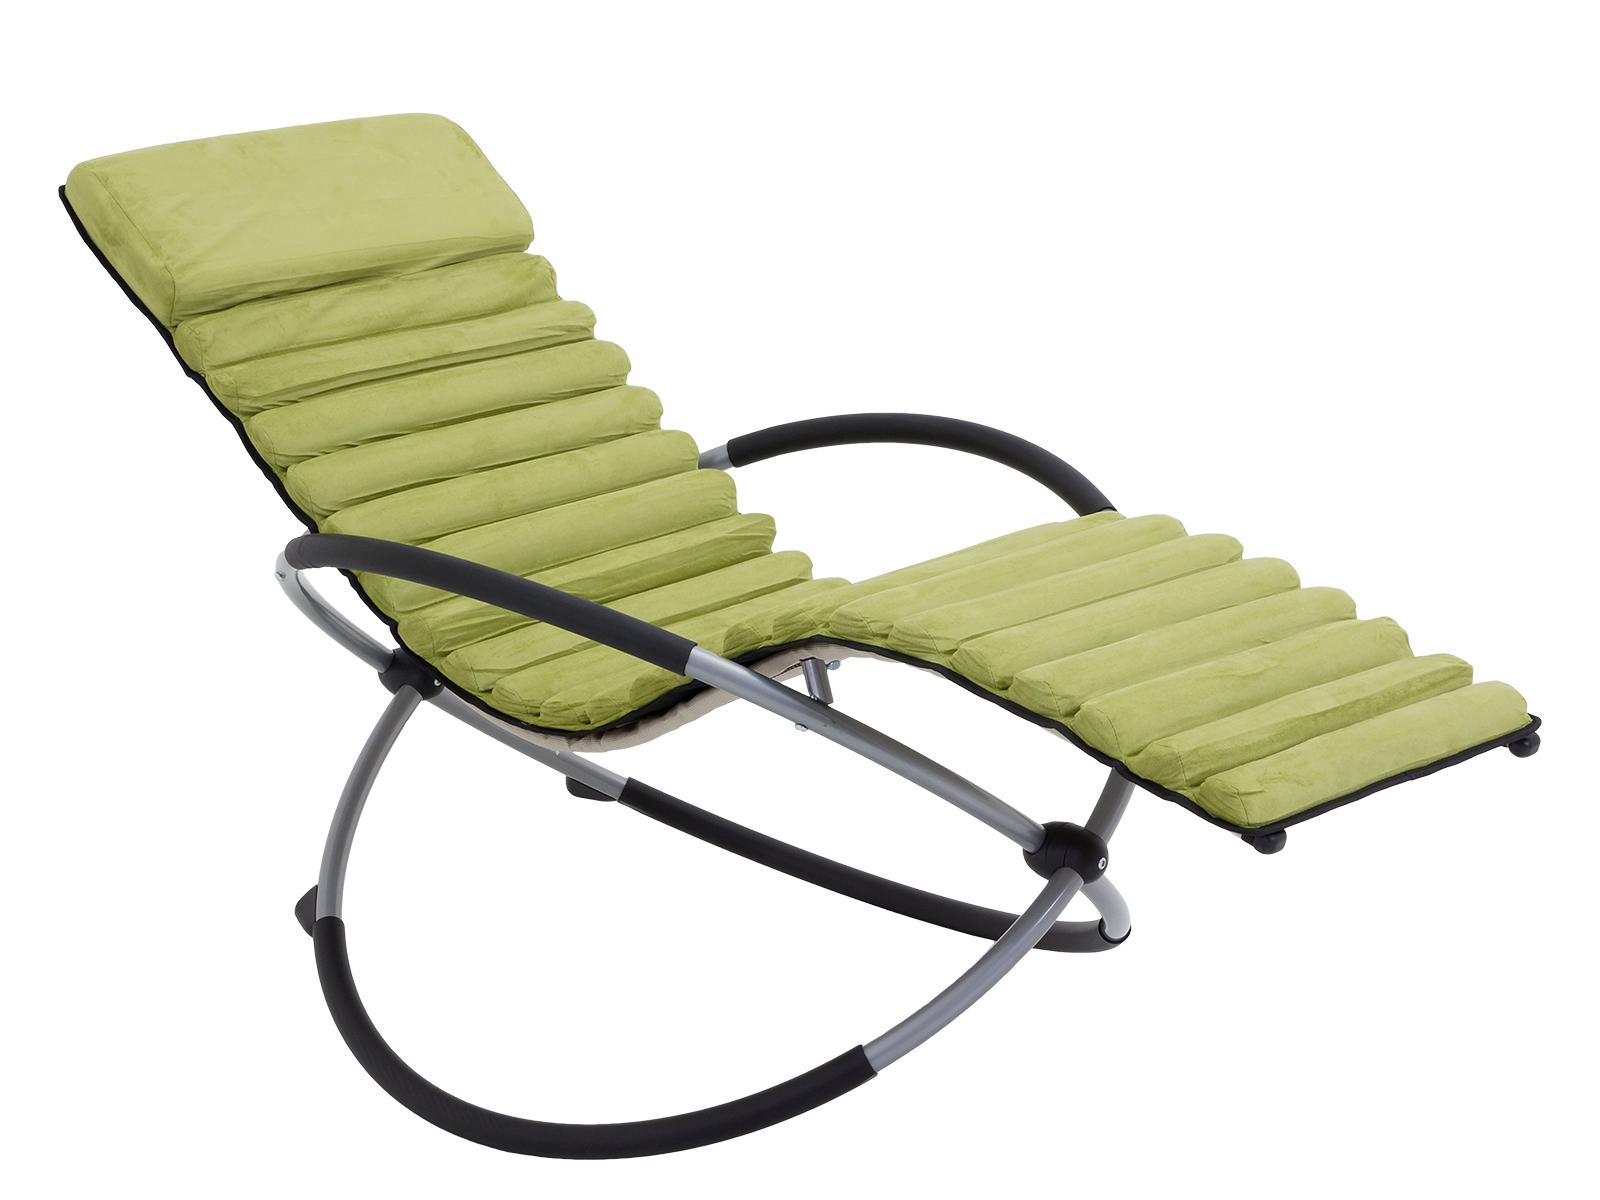 Шезлонг-качалка LoungeШезлонги<br>Основание шезлонга представляет два скрепленных между собой металлических обруча. Шезлонг компактно складывается, удобен при транспортировке. В комплекте мягкий съемный матрас из текстилена.&amp;amp;nbsp;&amp;lt;div&amp;gt;&amp;lt;br&amp;gt;&amp;lt;/div&amp;gt;&amp;lt;div&amp;gt;Размер матраса: 570х1700 мм&amp;lt;/div&amp;gt;<br><br>Material: Металл<br>Width см: 150<br>Depth см: 80<br>Height см: 84